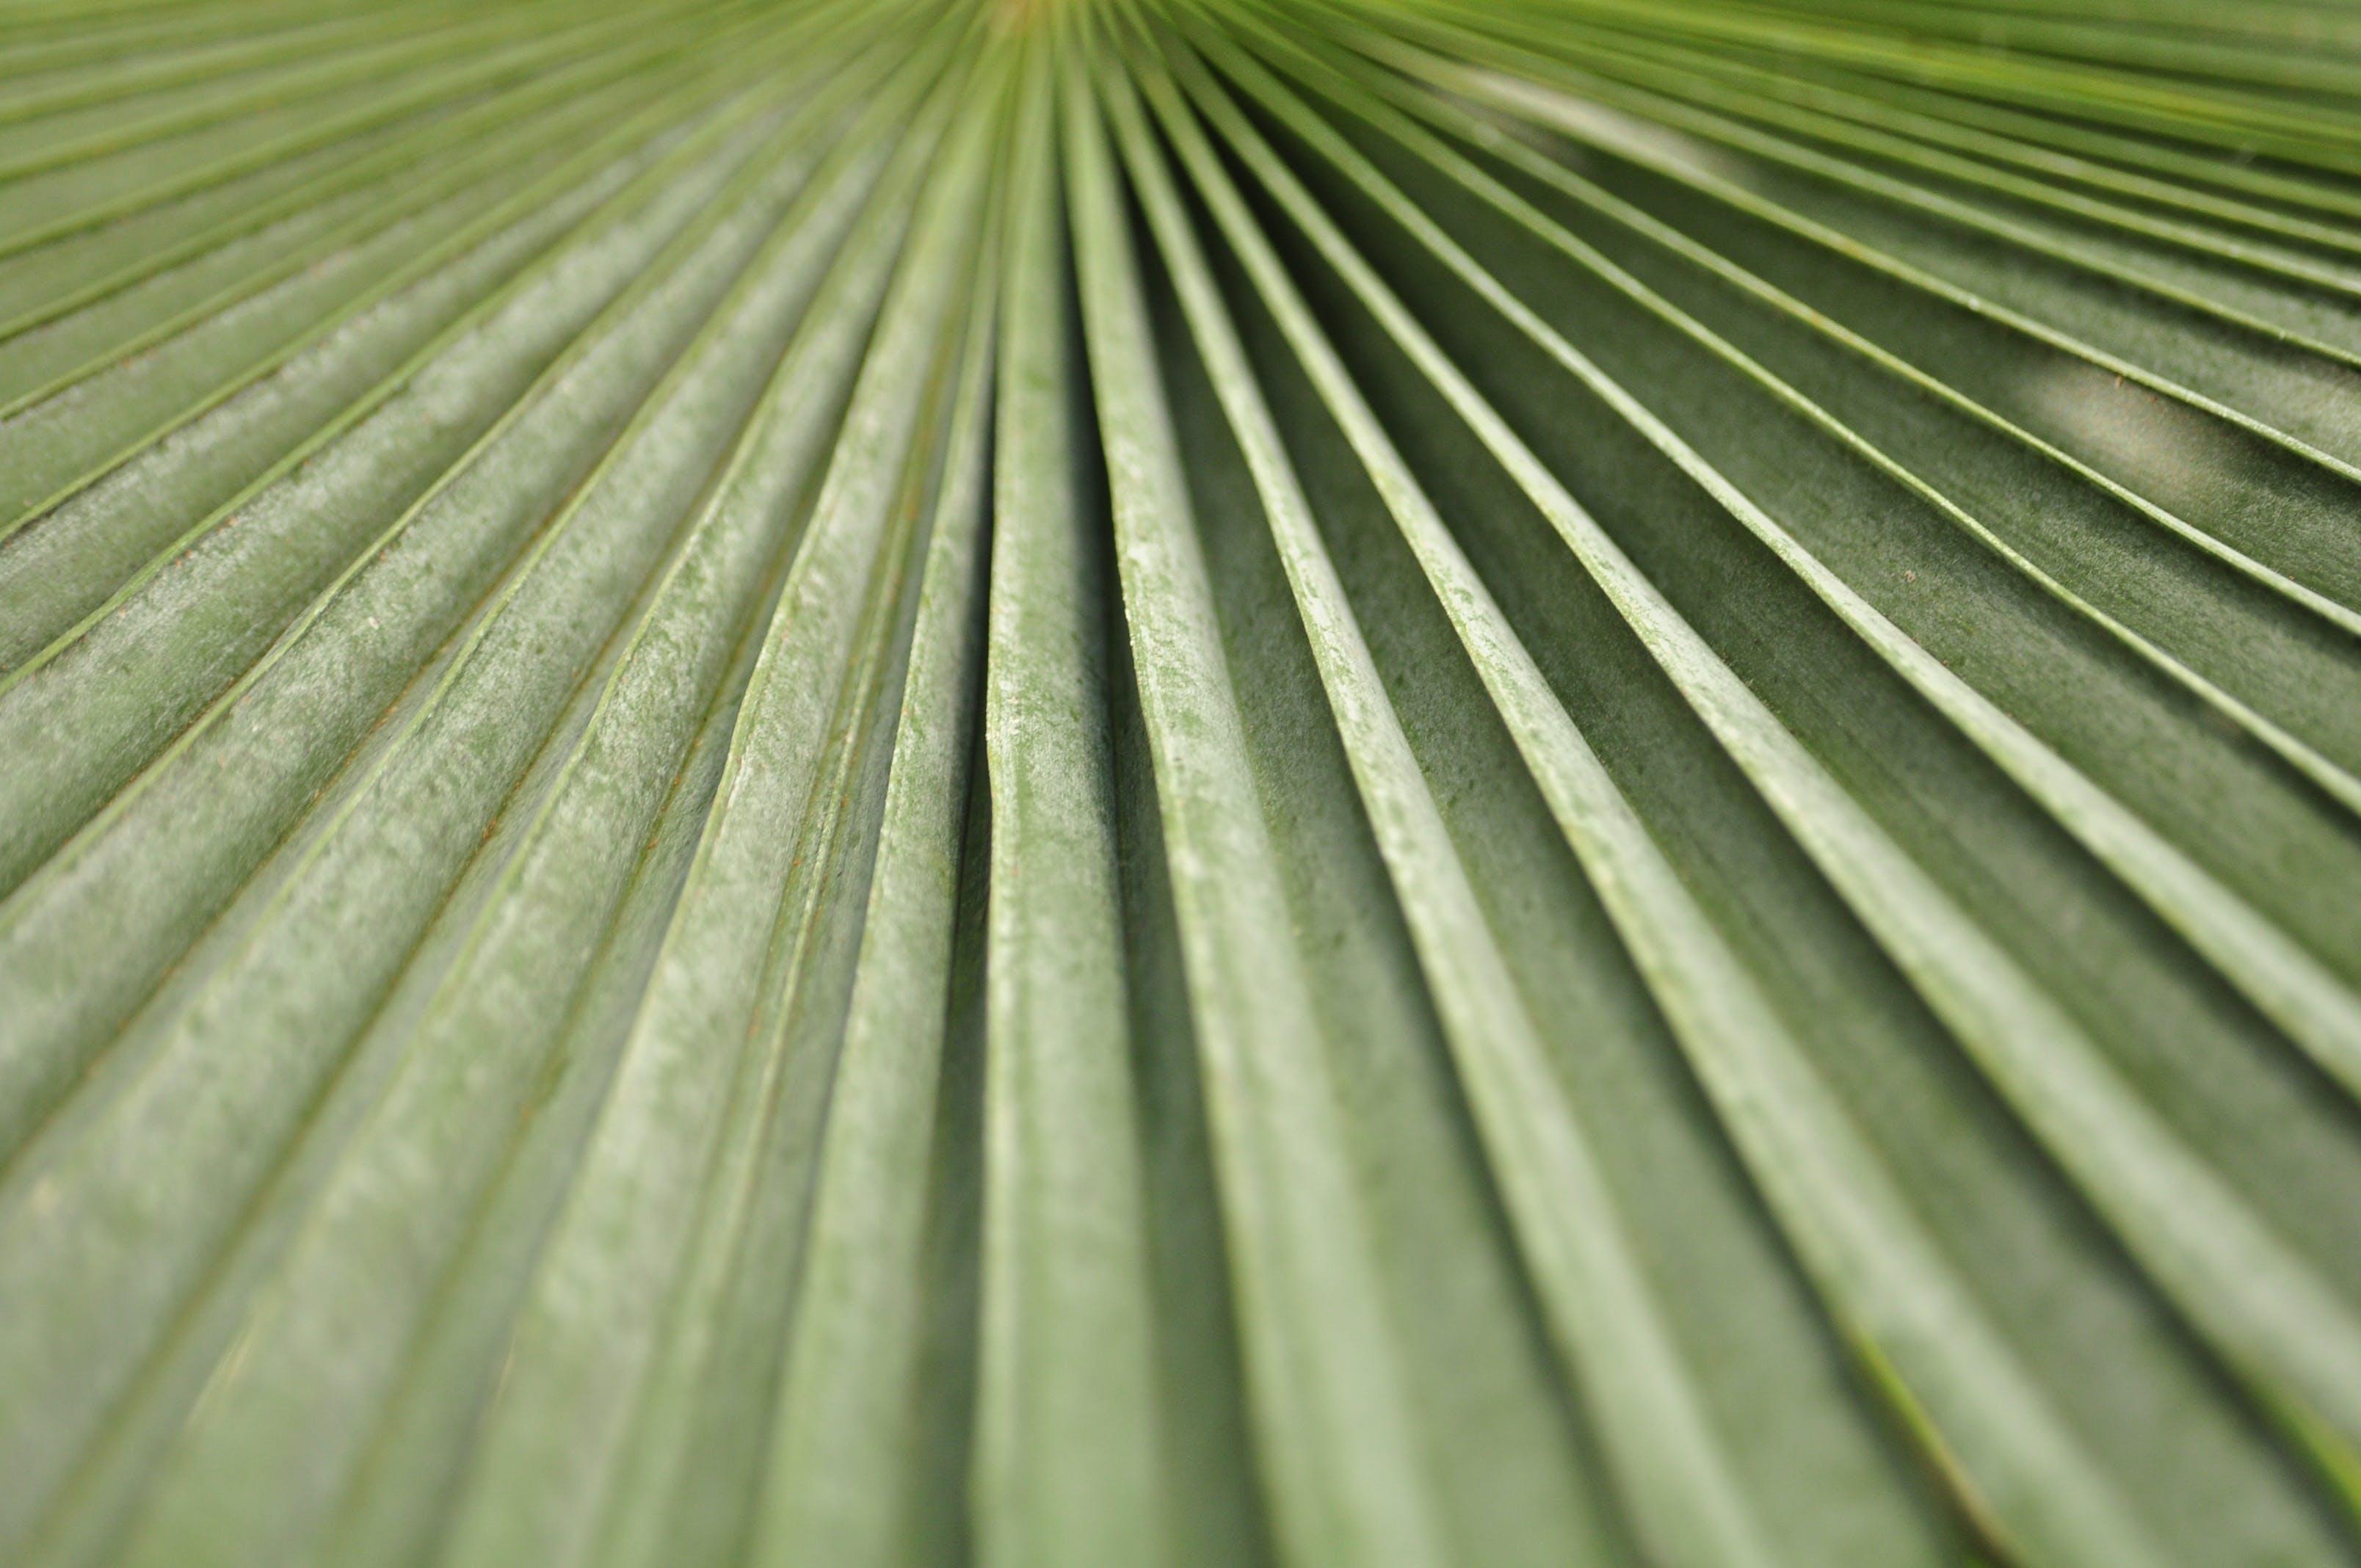 Kostenloses Stock Foto zu blatt, farn, grün, nahansicht